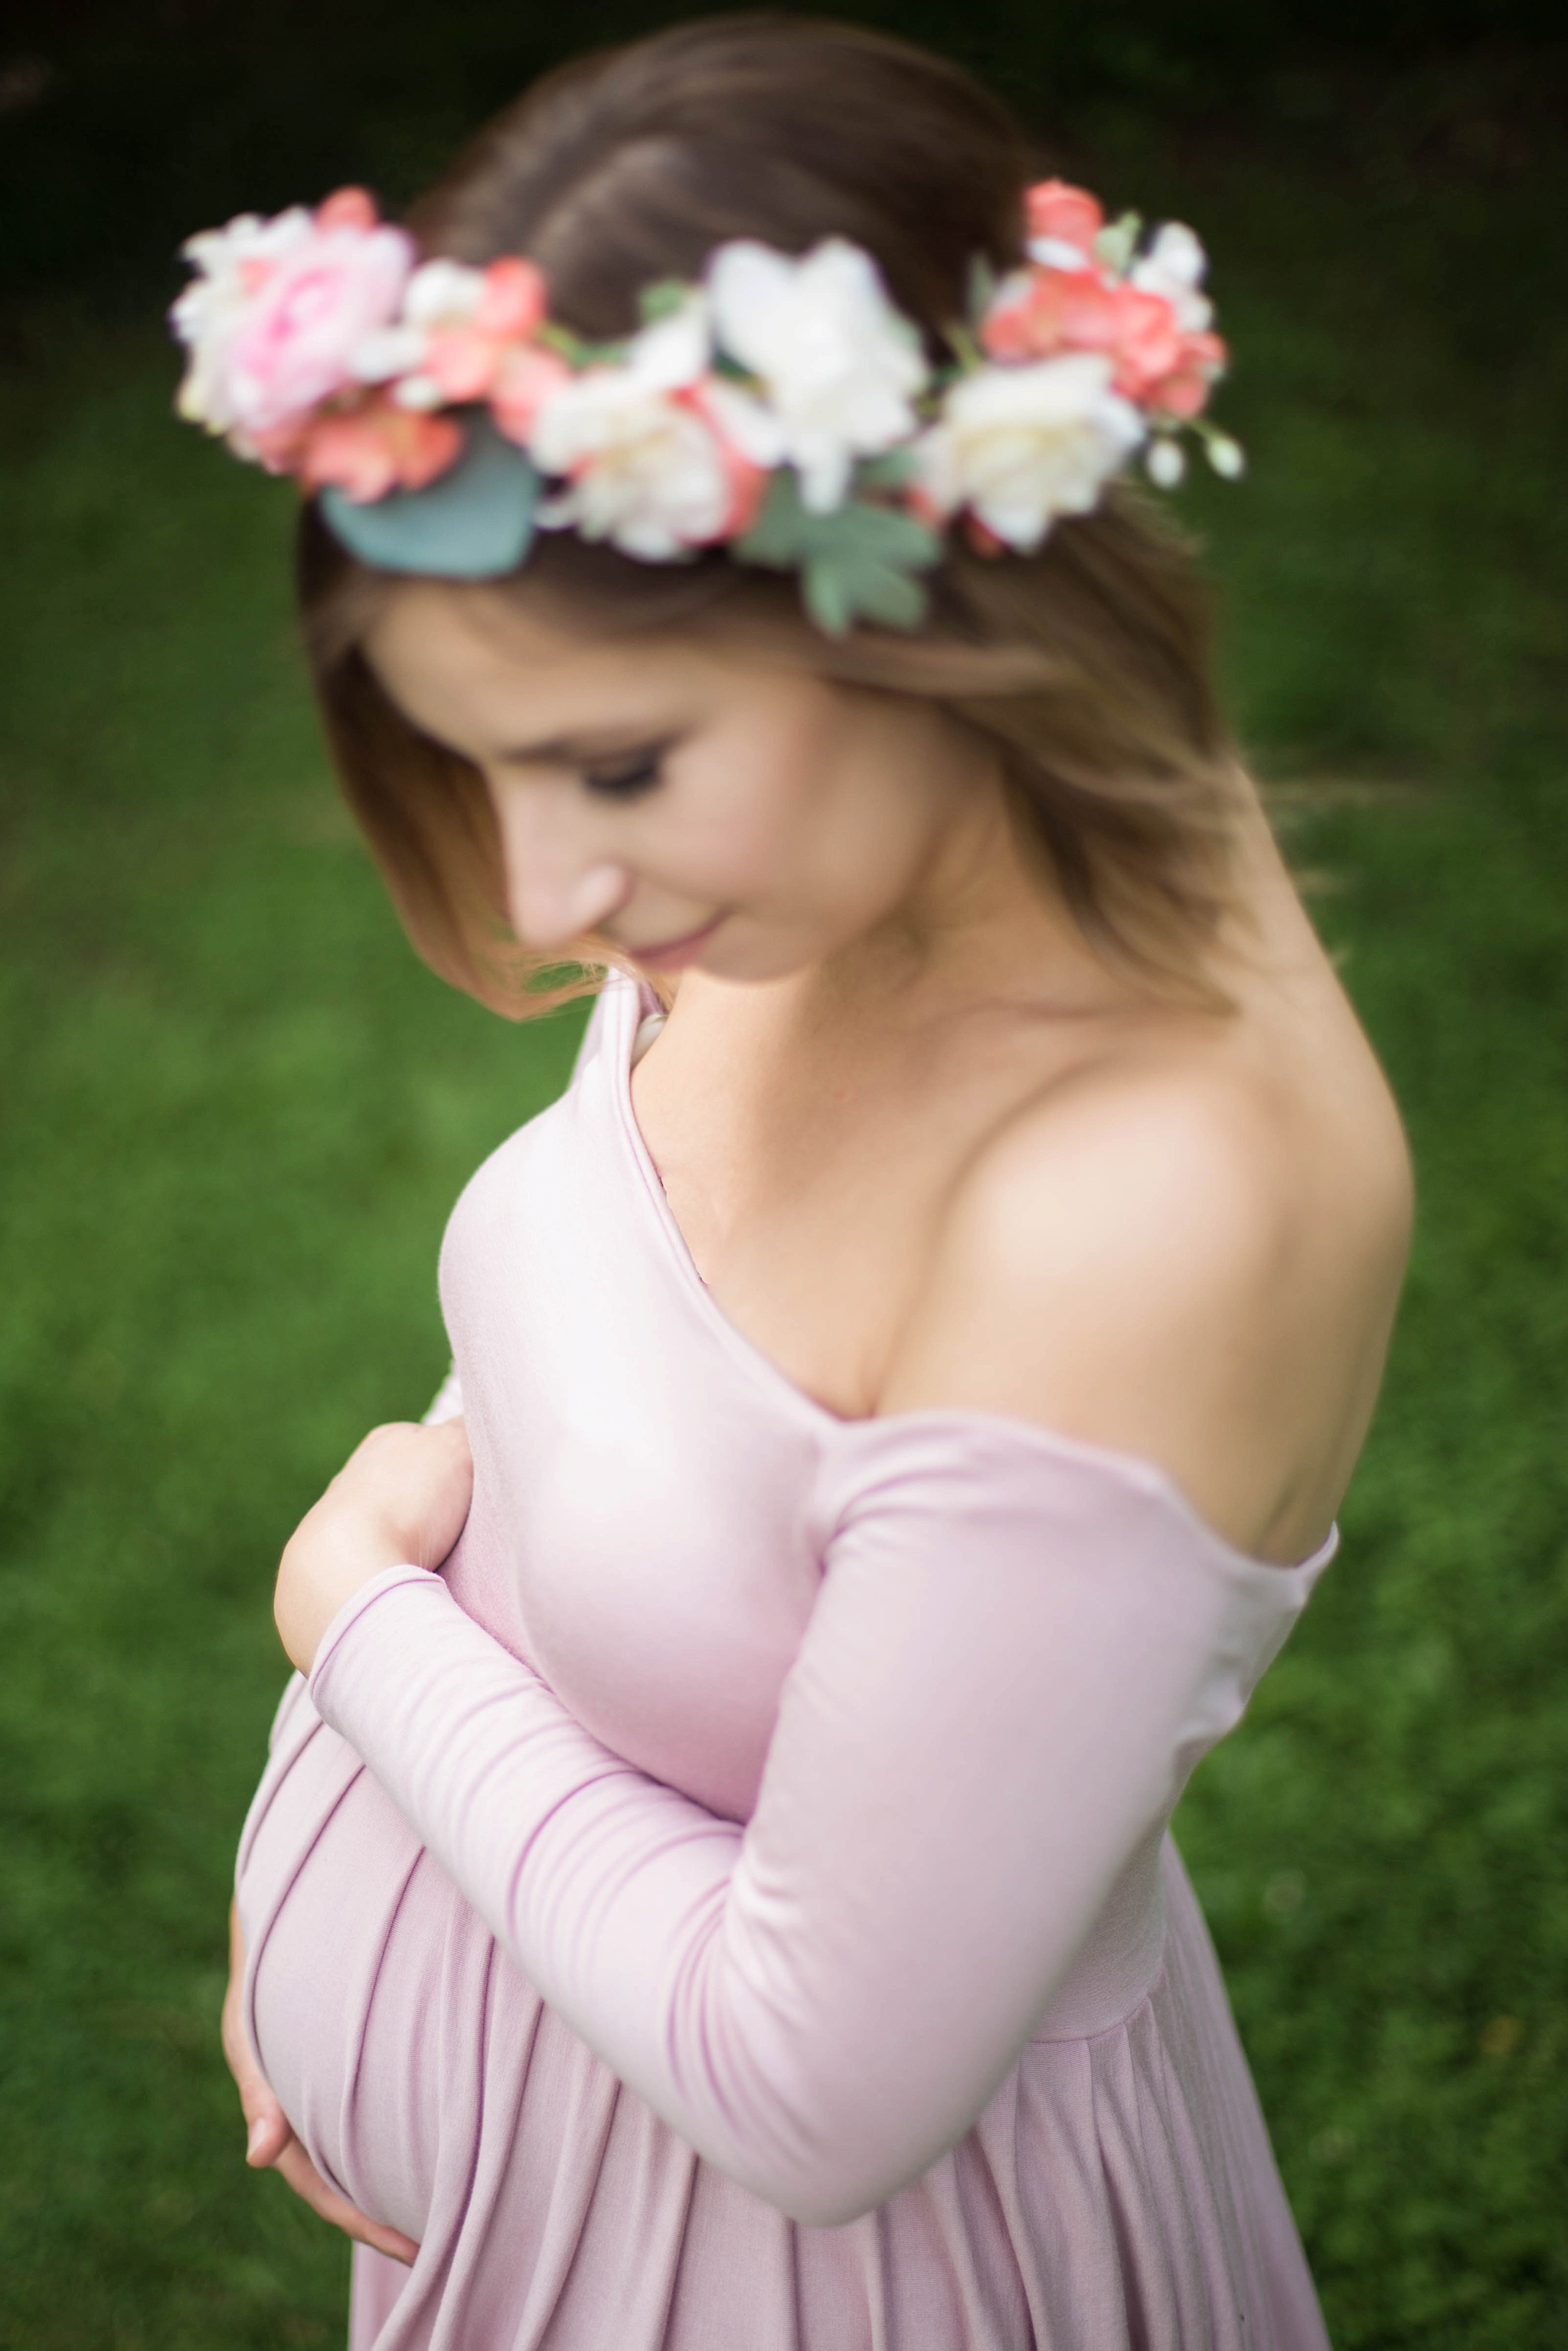 orono maine maternity photographers 1